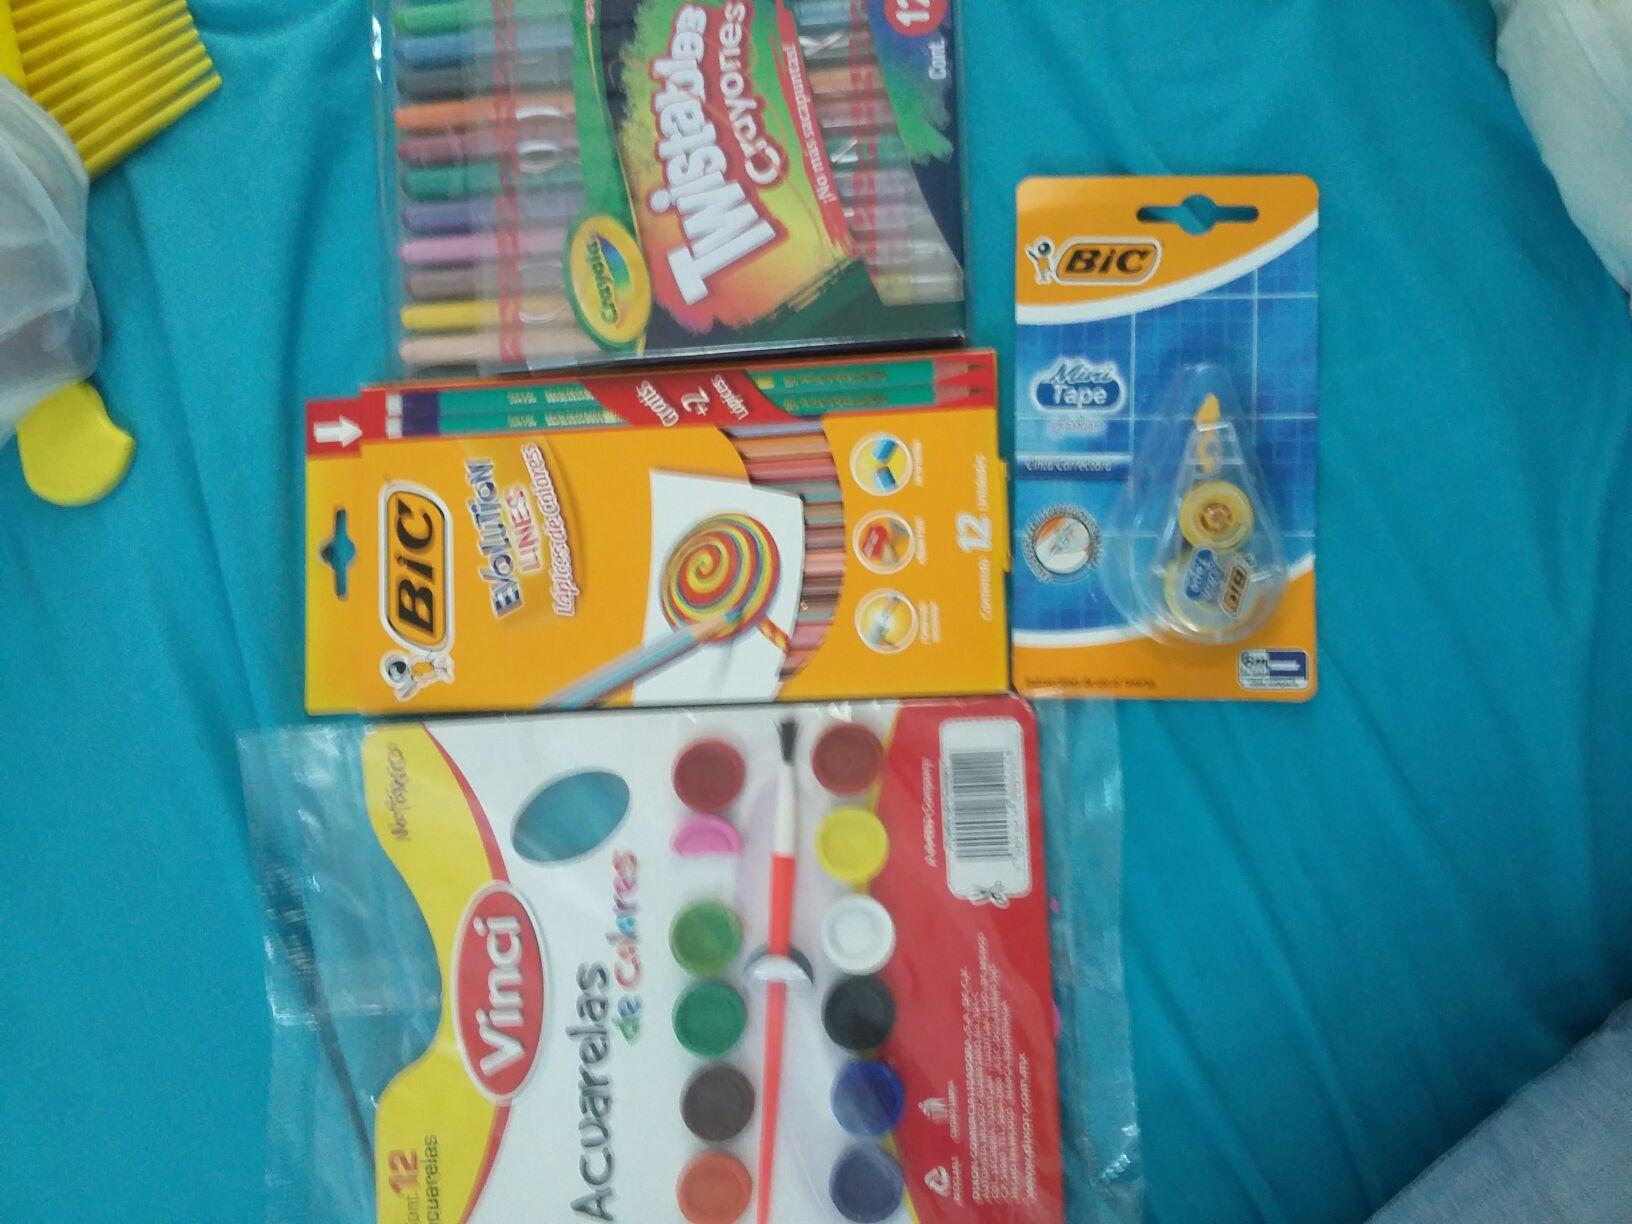 Chedraui: Varios artículos de papelería, Crayola twistables a $13.90 y más